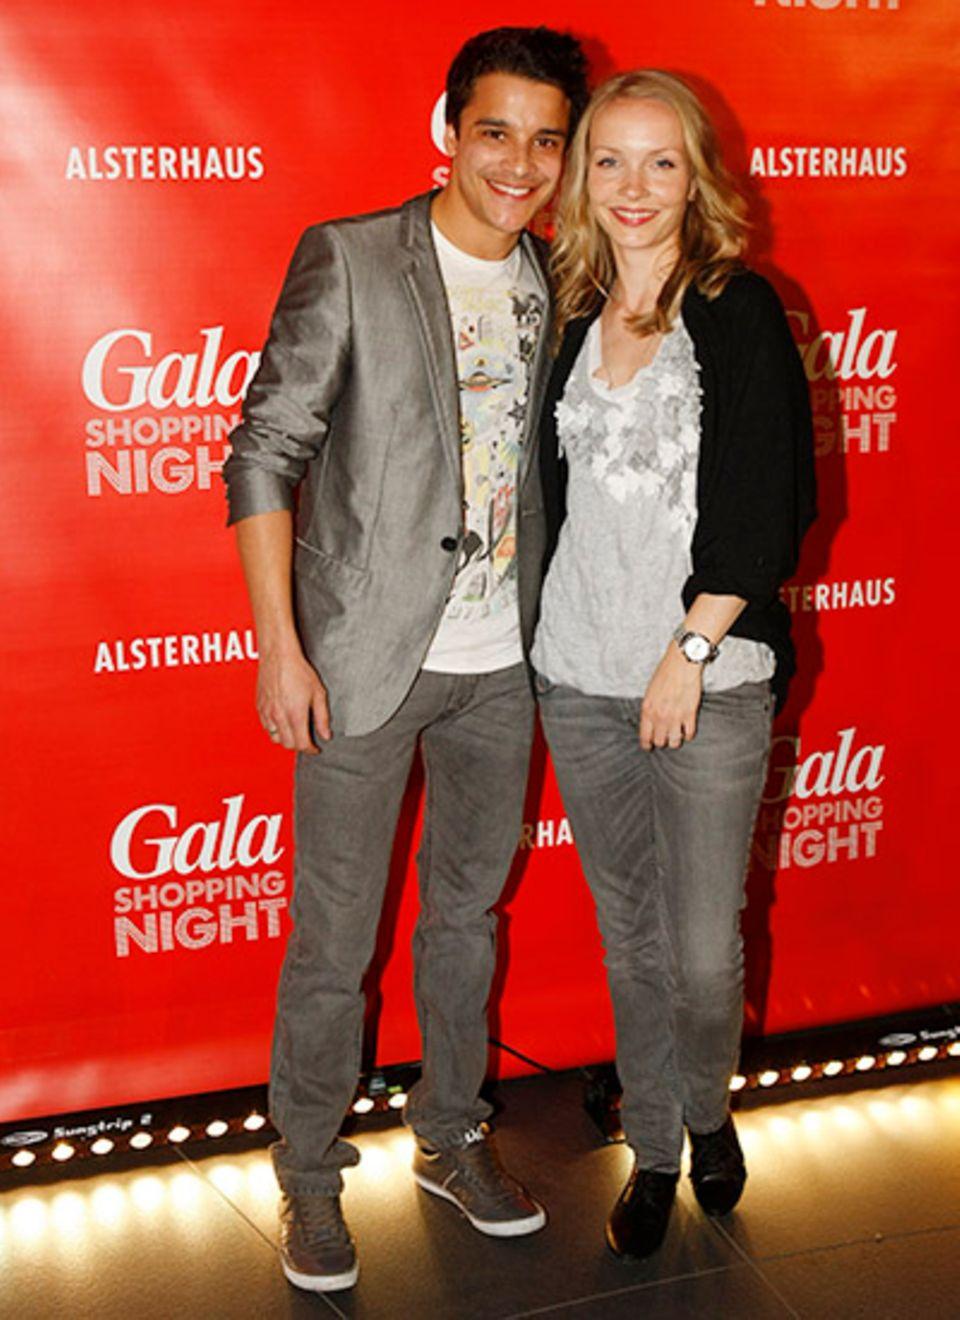 Kostja Ullmann und Janin Reinhardt können es gar nicht erwarten das Alsterhaus zu stürmen.